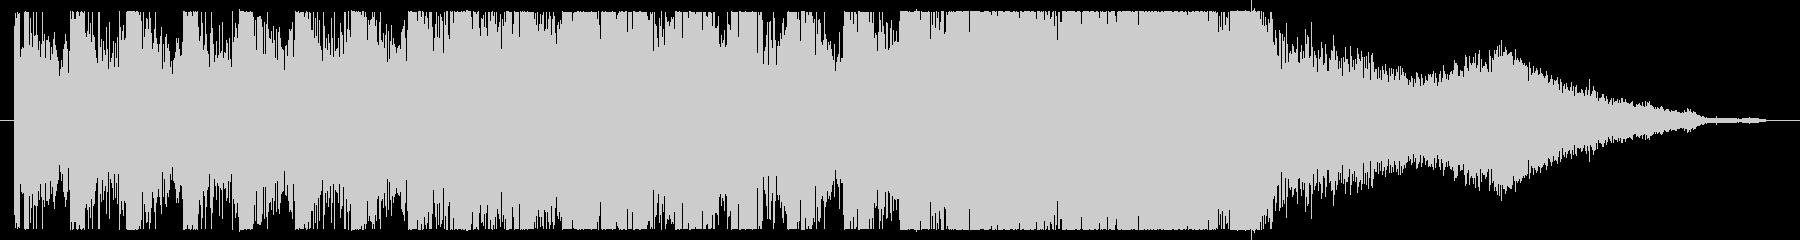 ダークなイメージを作りたいときの未再生の波形